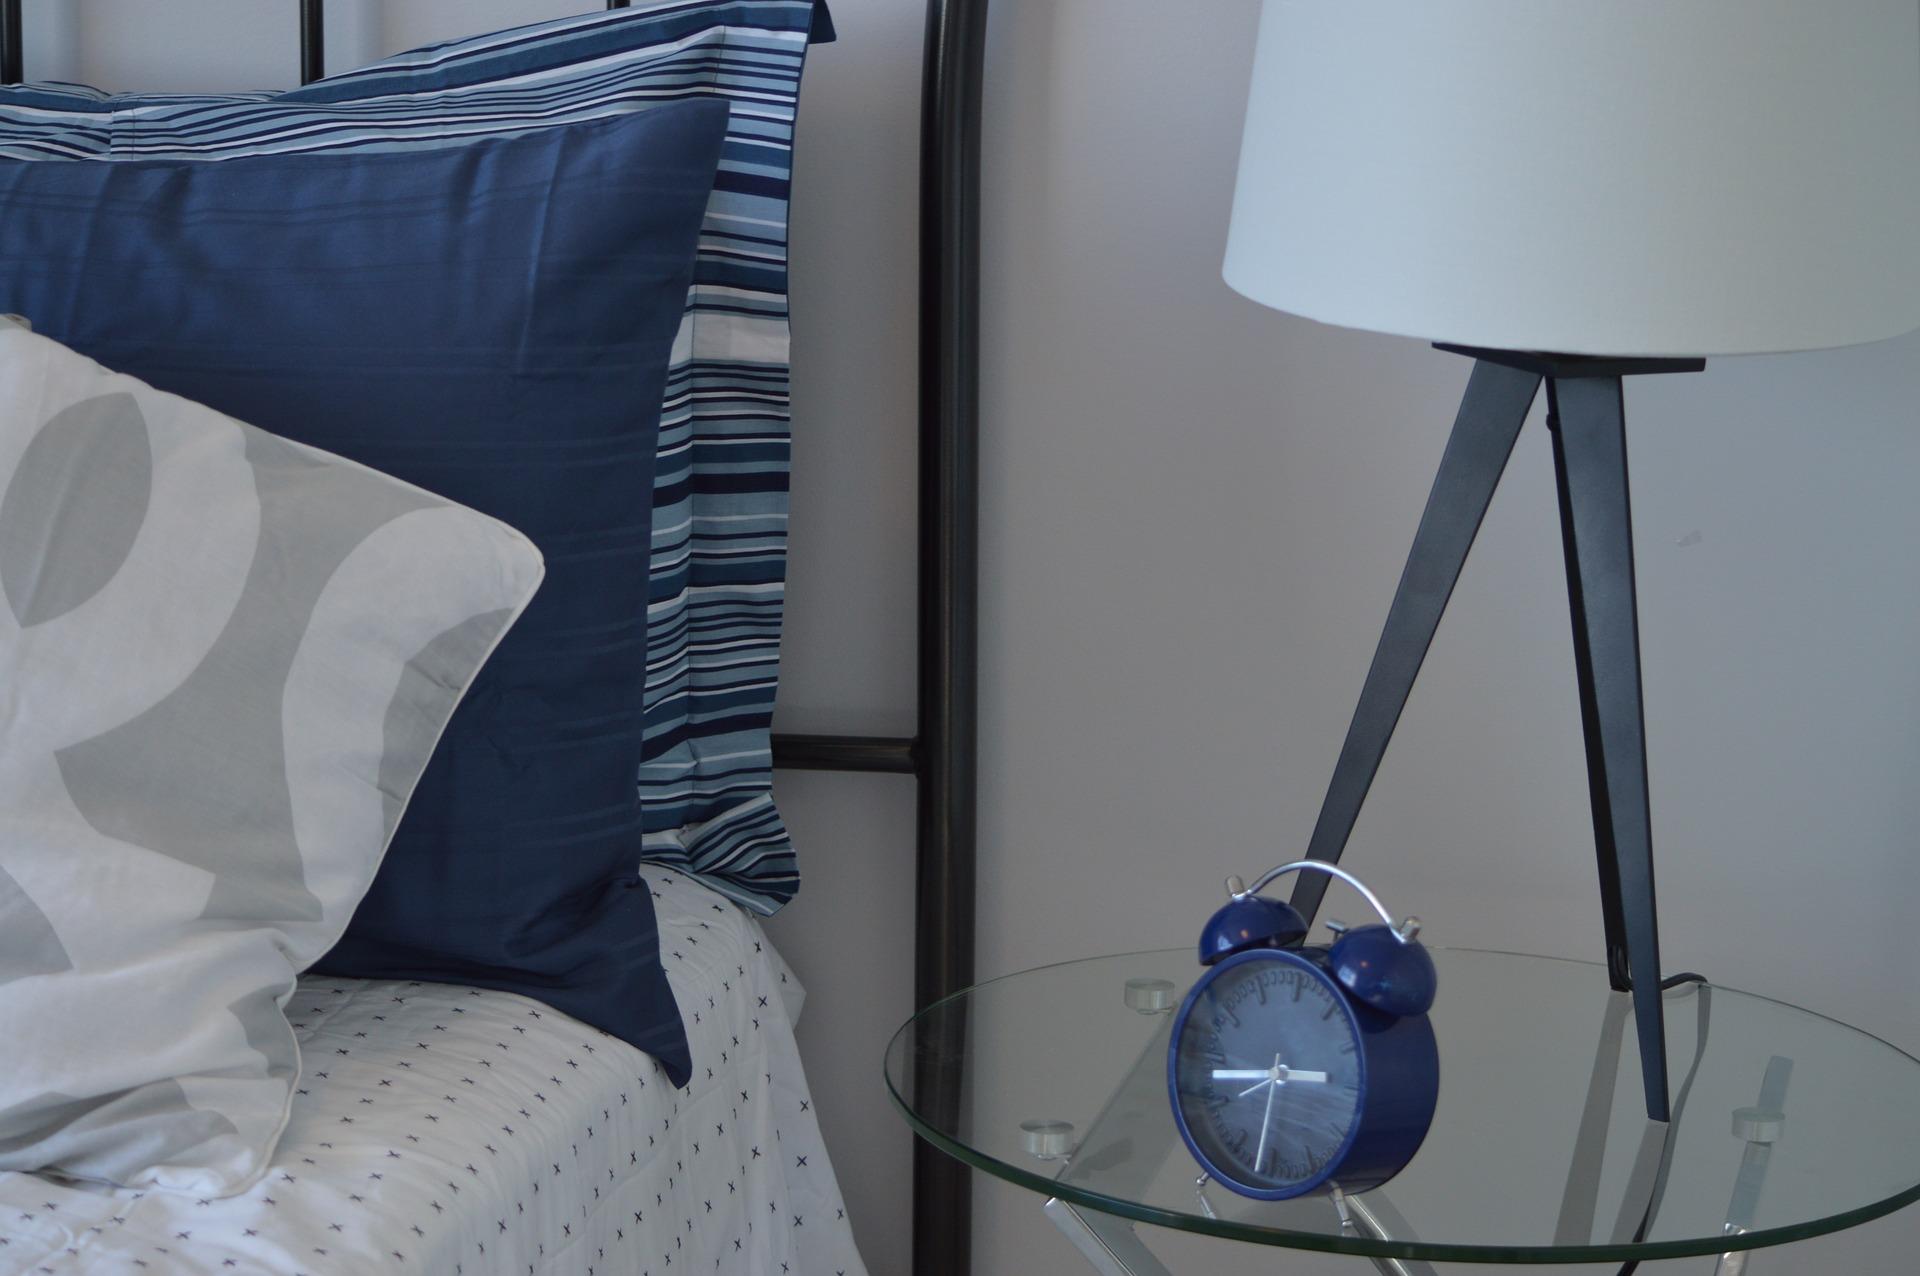 Yastıkların yanındaki cam sehpada duran mavi bir çalar saat.